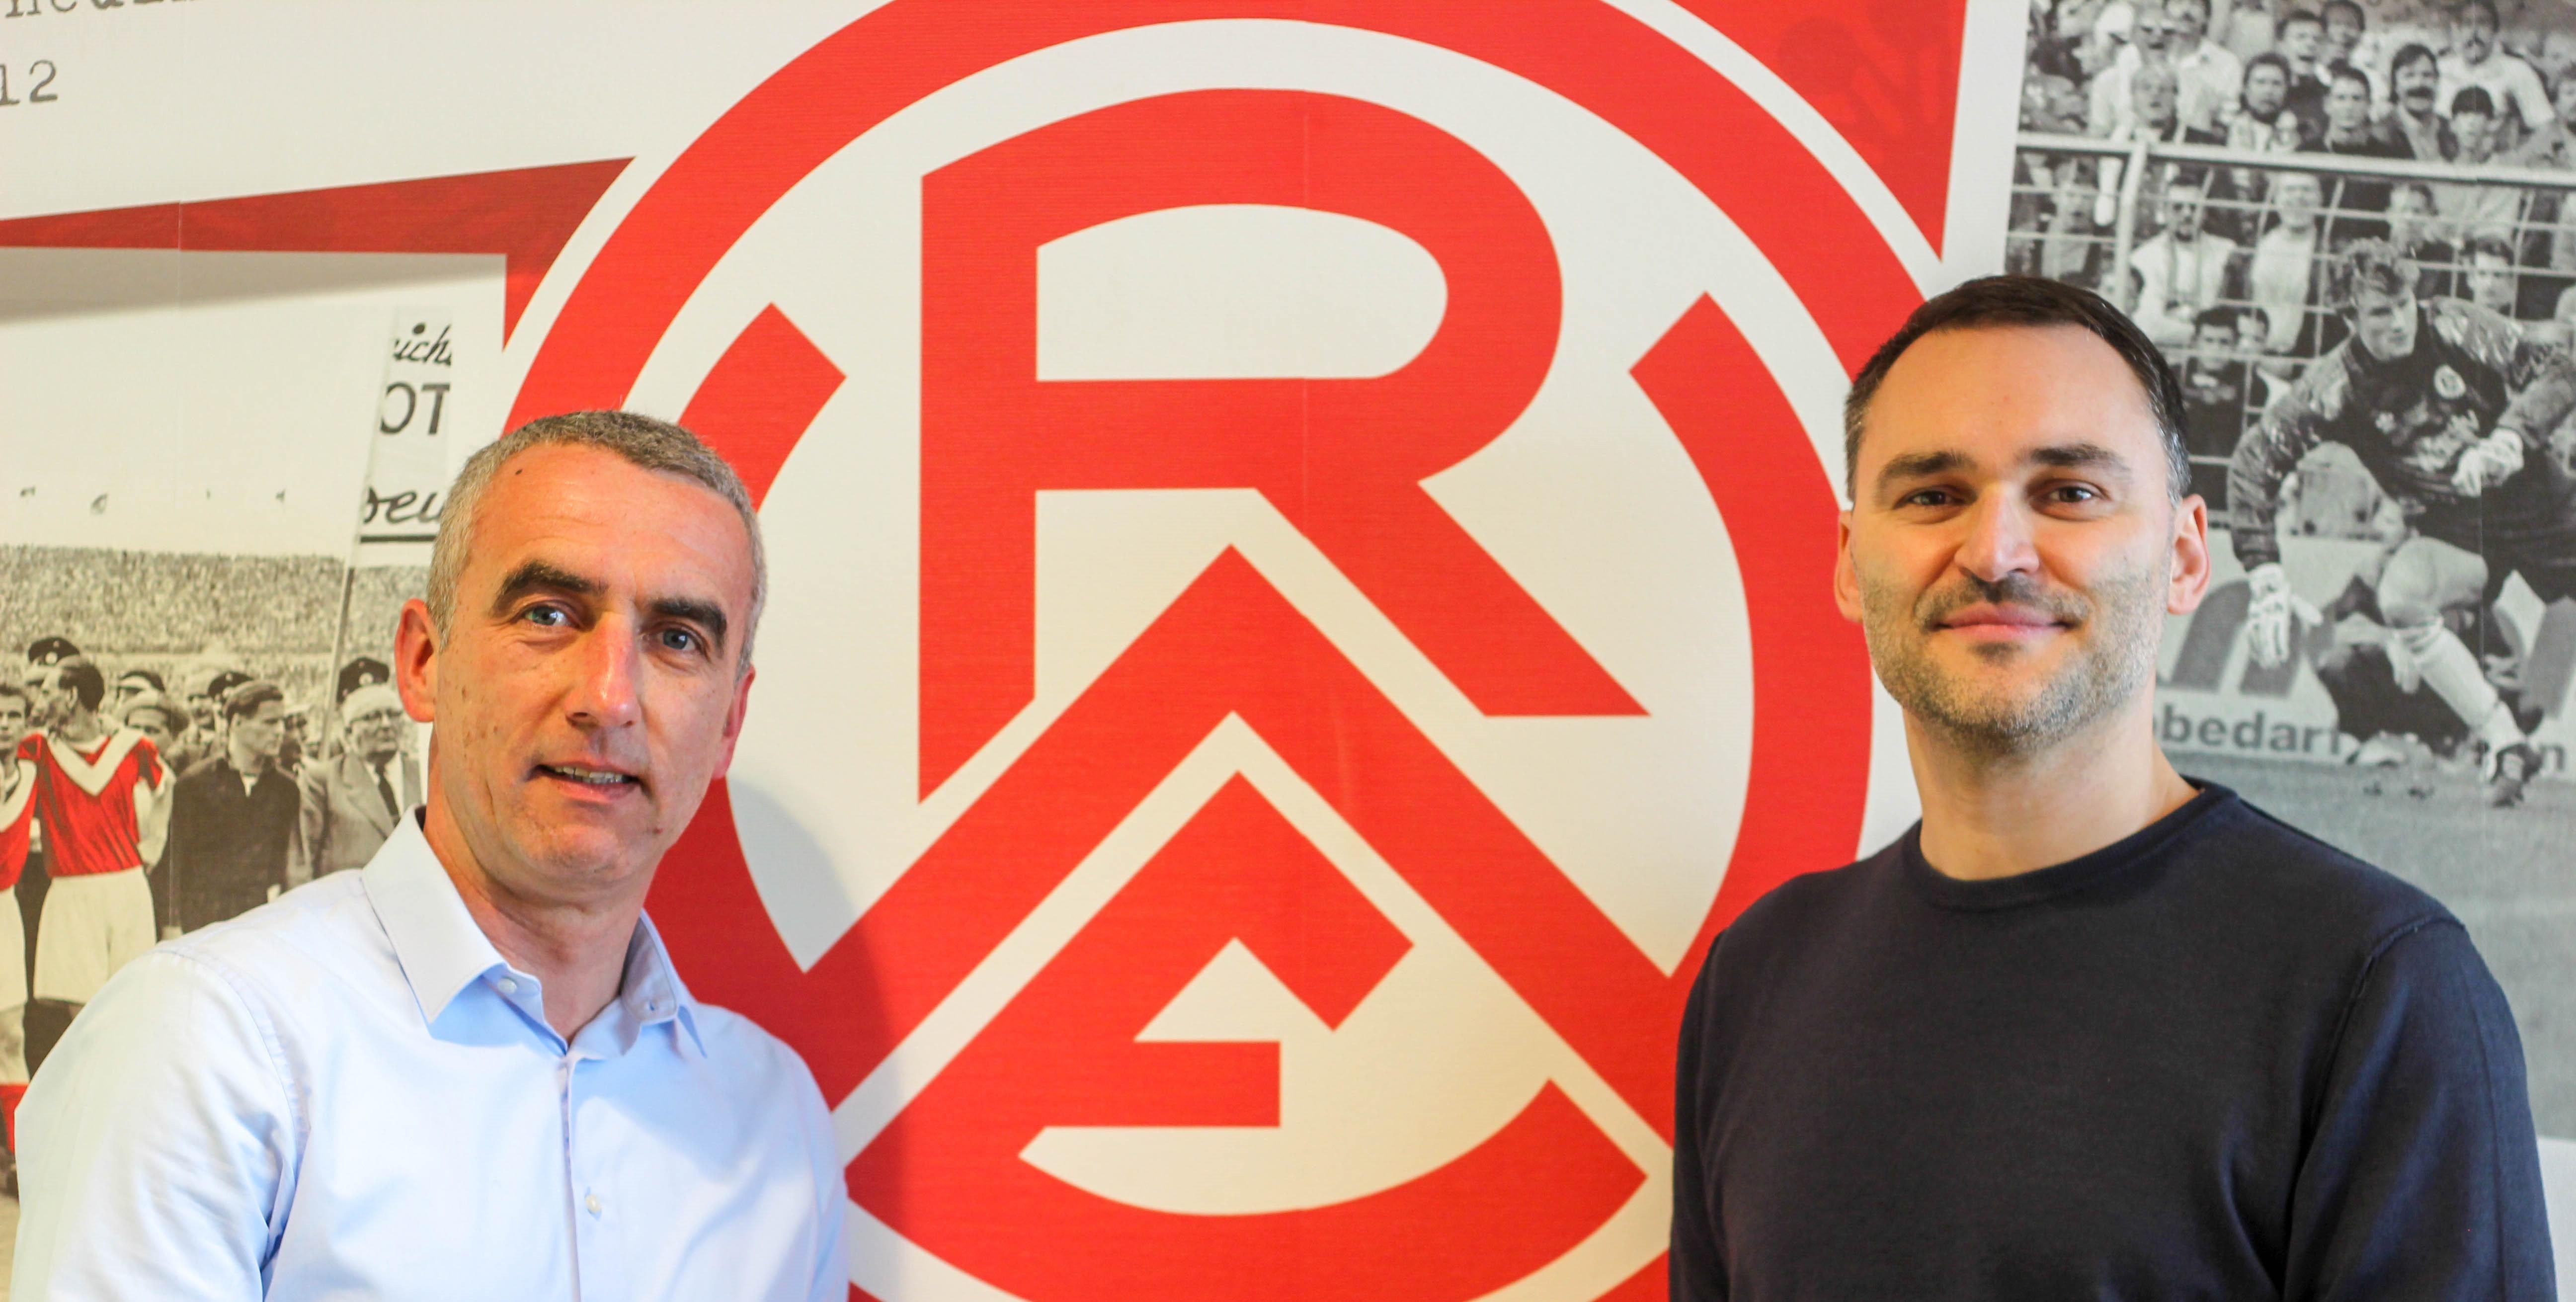 In den nächsten zwei Jahren Seite an Seite: Marcus Uhlig begrüßt Sascha Peljhan als strategischen Partner an seiner Seite.